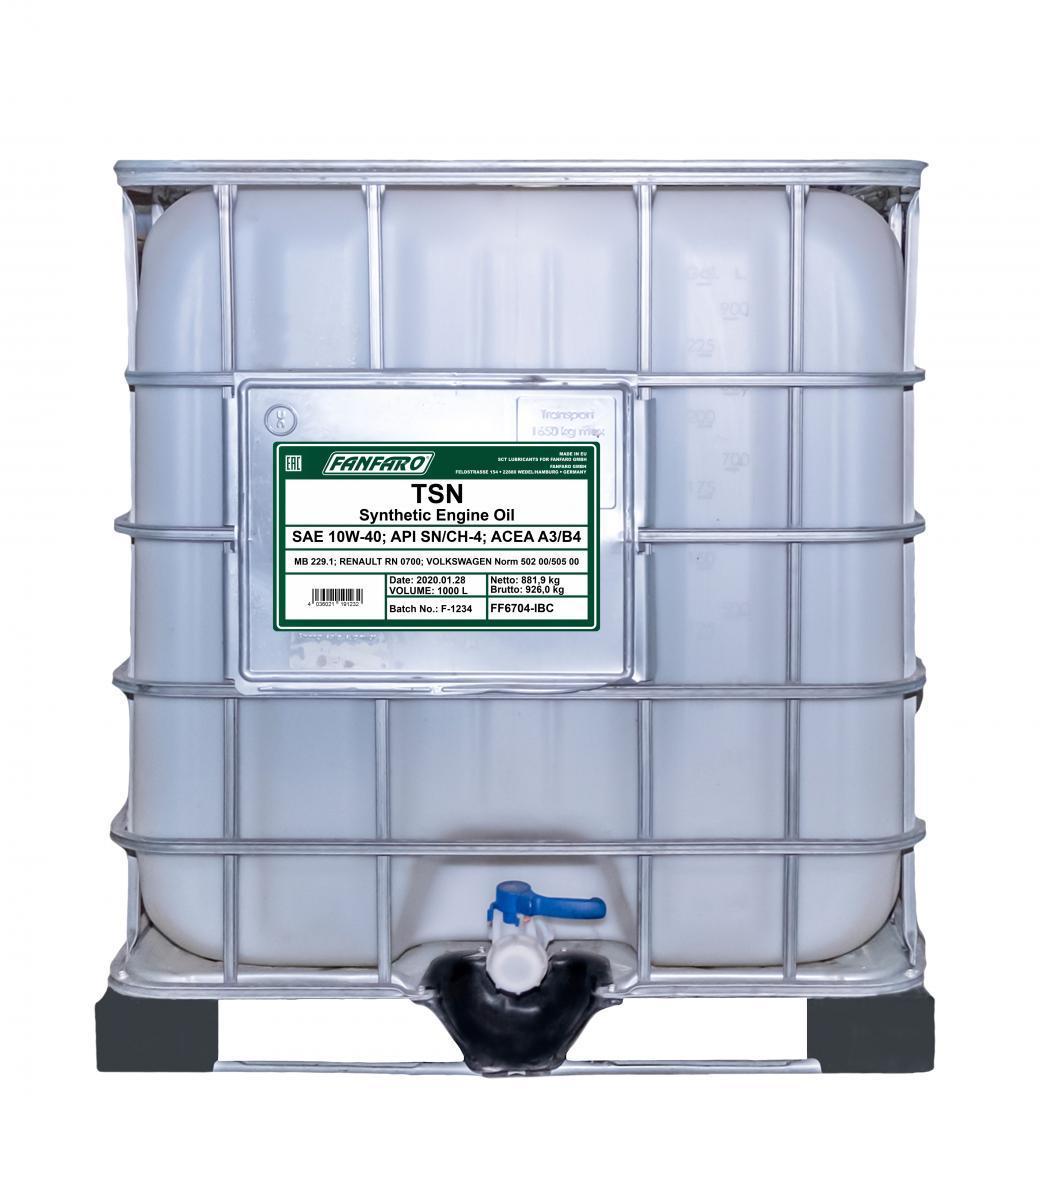 FF6704-IBC FANFARO Profi Line, TSN 10W-40, 1000l, Synthetiköl Motoröl FF6704-IBC günstig kaufen